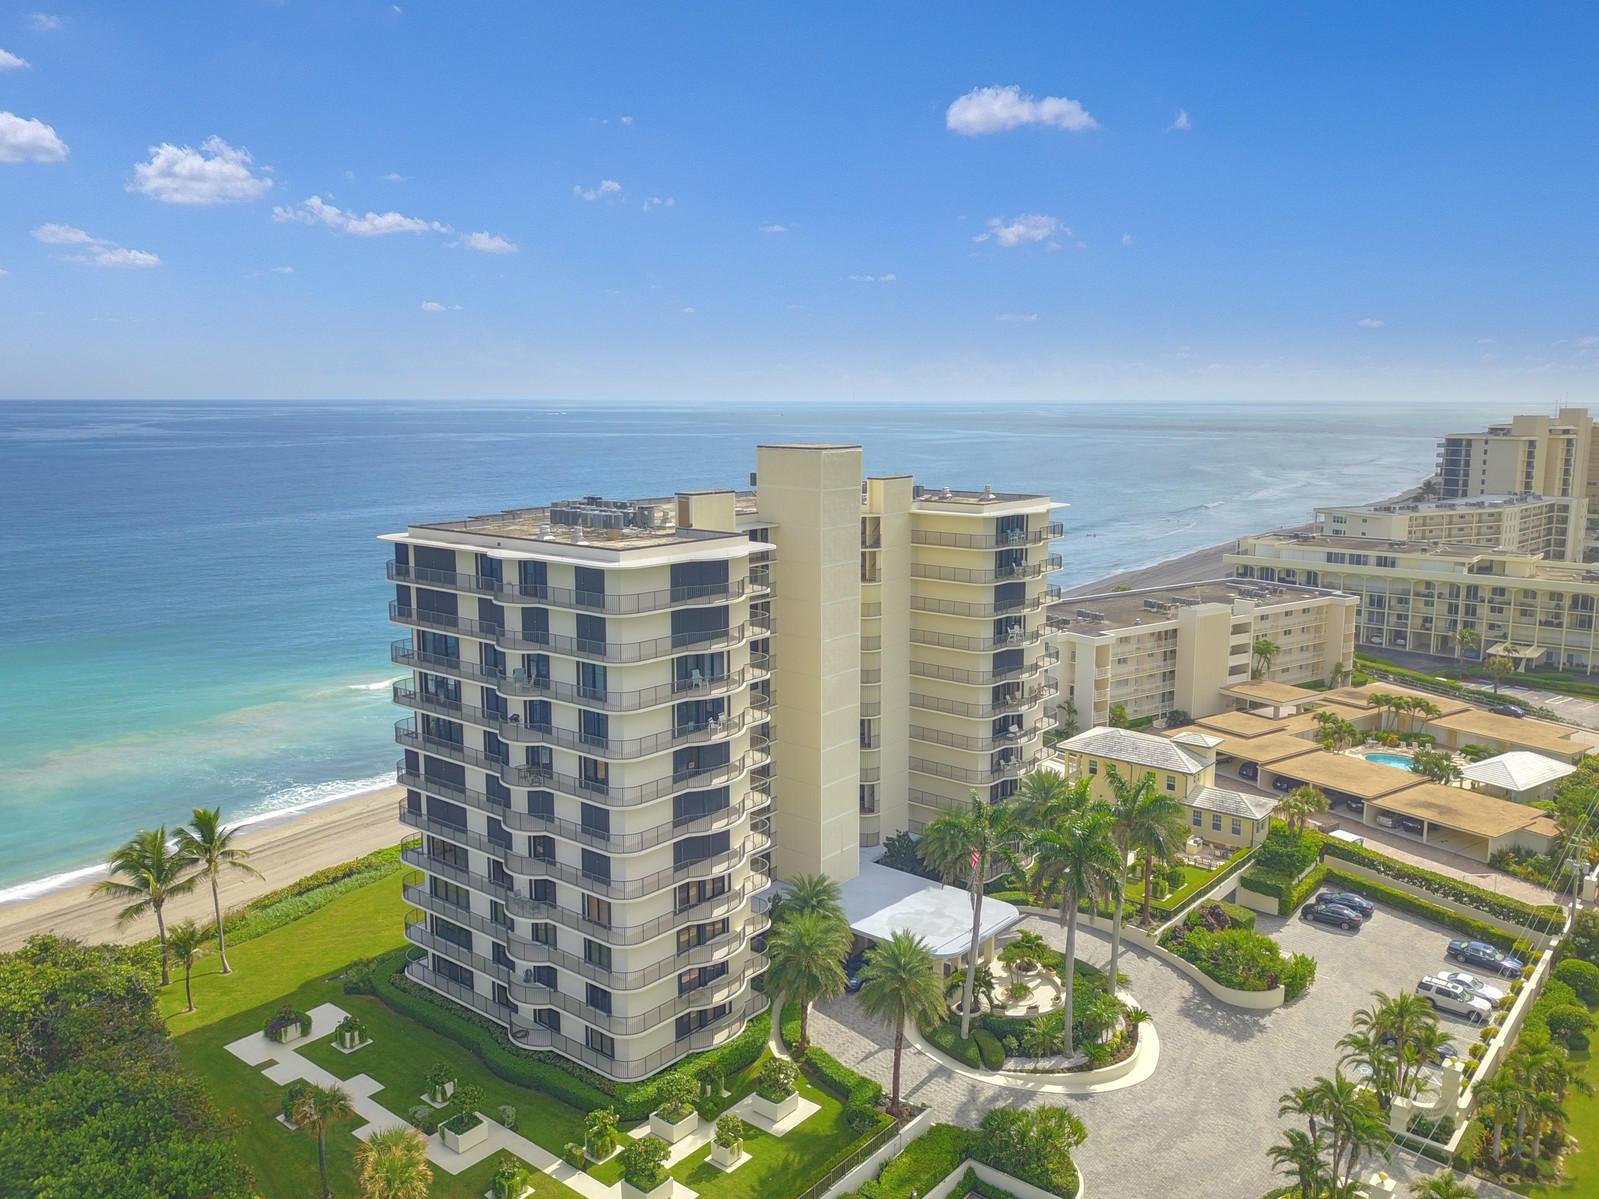 400 Beach Road 304, Tequesta, Florida 33469, 3 Bedrooms Bedrooms, ,2 BathroomsBathrooms,A,Condominium,Beach,RX-10482896